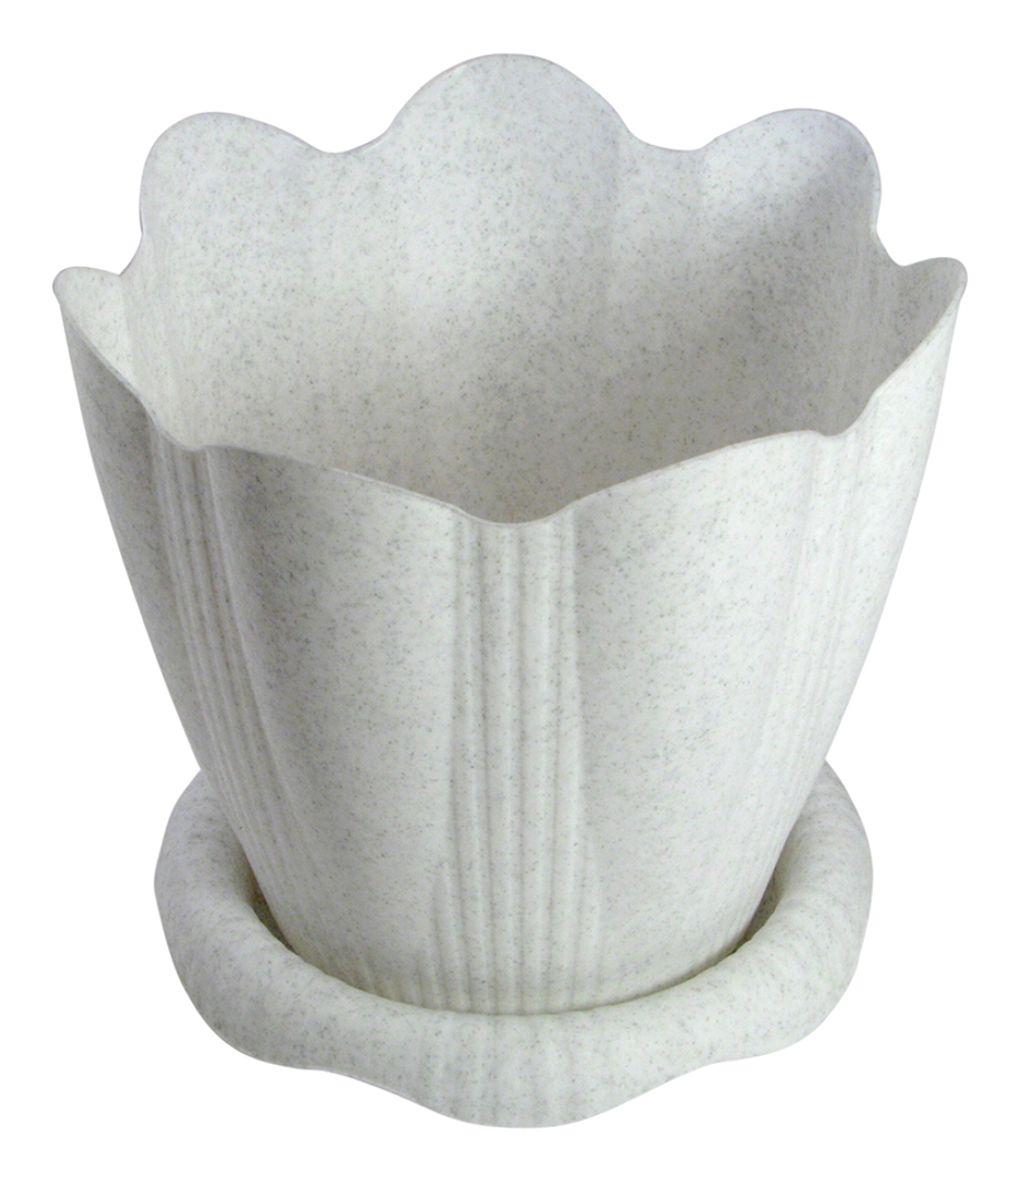 Горшок для цветов Martika Эдельвейс, с поддоном, цвет: мрамор, 1,5 лMRC191MЛюбой, даже самый современный и продуманный интерьер будет не завершенным без растений. Они не только очищают воздух и насыщают его кислородом, но и заметно украшают окружающее пространство. Такому полезному члену семьи просто необходимо красивое и функциональное кашпо, оригинальный горшок или необычная ваза! Мы предлагаем - Горшок Эдельвейс с поддоном 1,5 л d=16 см, цвет мрамор! Оптимальный выбор материала - это пластмасса! Почему мы так считаем? Малый вес. С легкостью переносите горшки и кашпо с места на место, ставьте их на столики или полки, подвешивайте под потолок, не беспокоясь о нагрузке. Простота ухода. Пластиковые изделия не нуждаются в специальных условиях хранения. Их легко чистить достаточно просто сполоснуть теплой водой. Никаких царапин. Пластиковые кашпо не царапают и не загрязняют поверхности, на которых стоят. Пластик дольше хранит влагу, а значит растение реже нуждается в поливе. Пластмасса не пропускает воздух корневой системе растения не грозят резкие перепады температур. Огромный выбор форм, декора и расцветок вы без труда подберете что-то, что идеально впишется в уже существующий интерьер. Соблюдая нехитрые правила ухода, вы можете заметно продлить срок службы горшков, вазонов и кашпо из пластика: всегда учитывайте размер кроны и корневой системы растения (при разрастании большое растение способно повредить маленький горшок) берегите изделие от воздействия прямых солнечных лучей, чтобы кашпо и горшки не выцветали держите кашпо и горшки из пластика подальше от нагревающихся поверхностей. Создавайте прекрасные цветочные композиции, выращивайте рассаду или необычные растения, а низкие цены позволят вам не ограничивать себя в выборе.